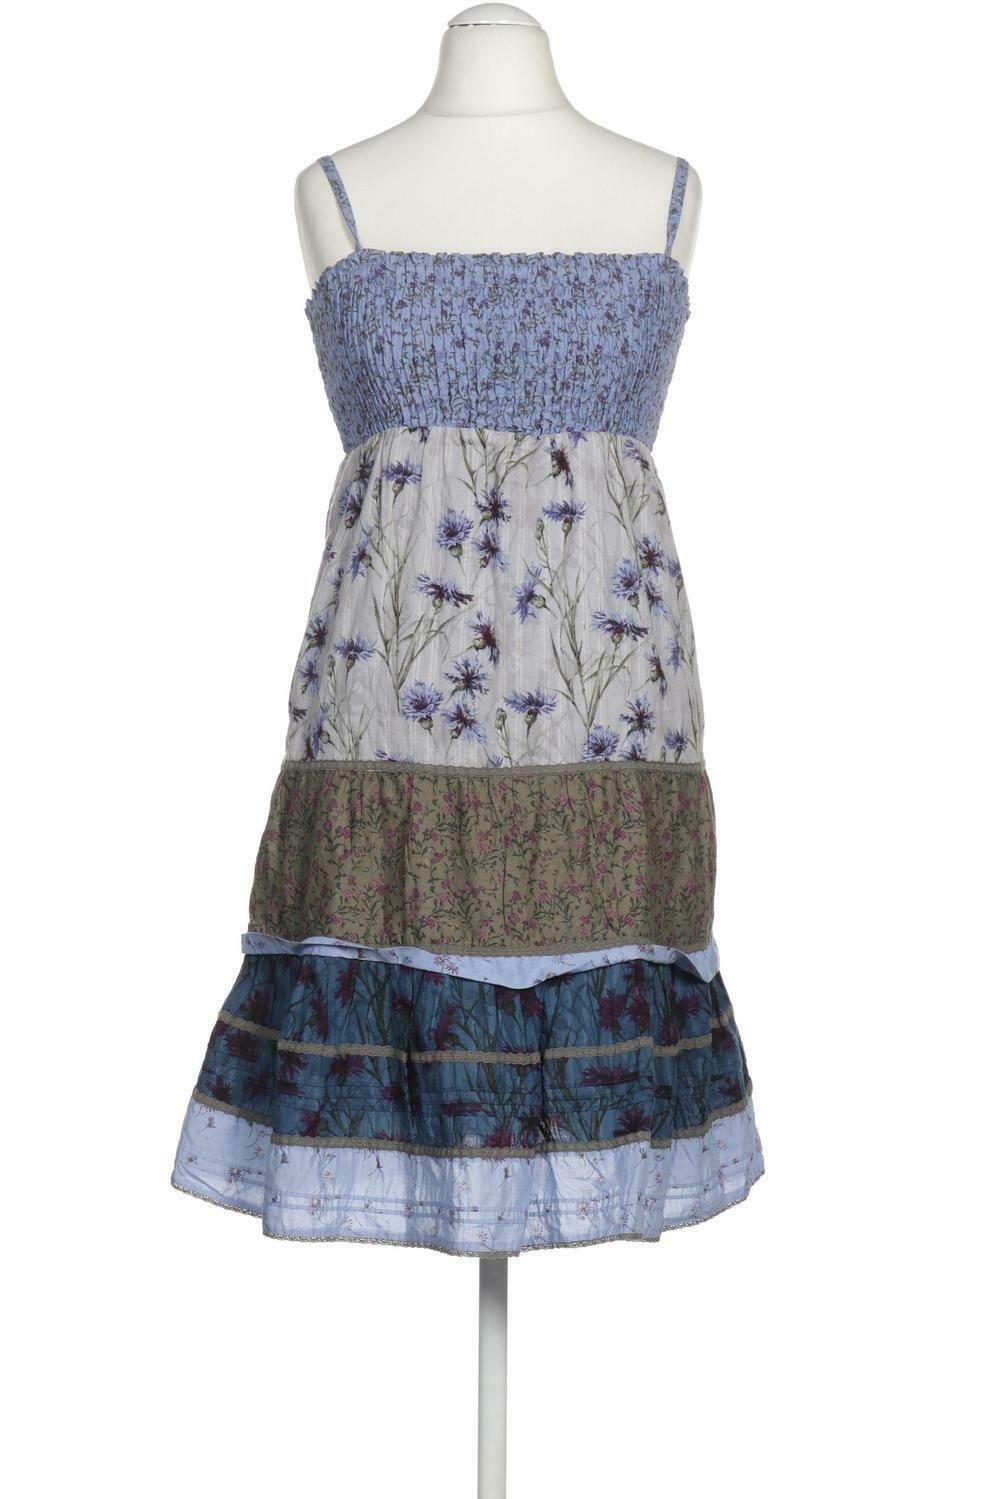 MEXX Kleid Damen Dress Damenkleid Gr. DE 17 Baumwolle lila